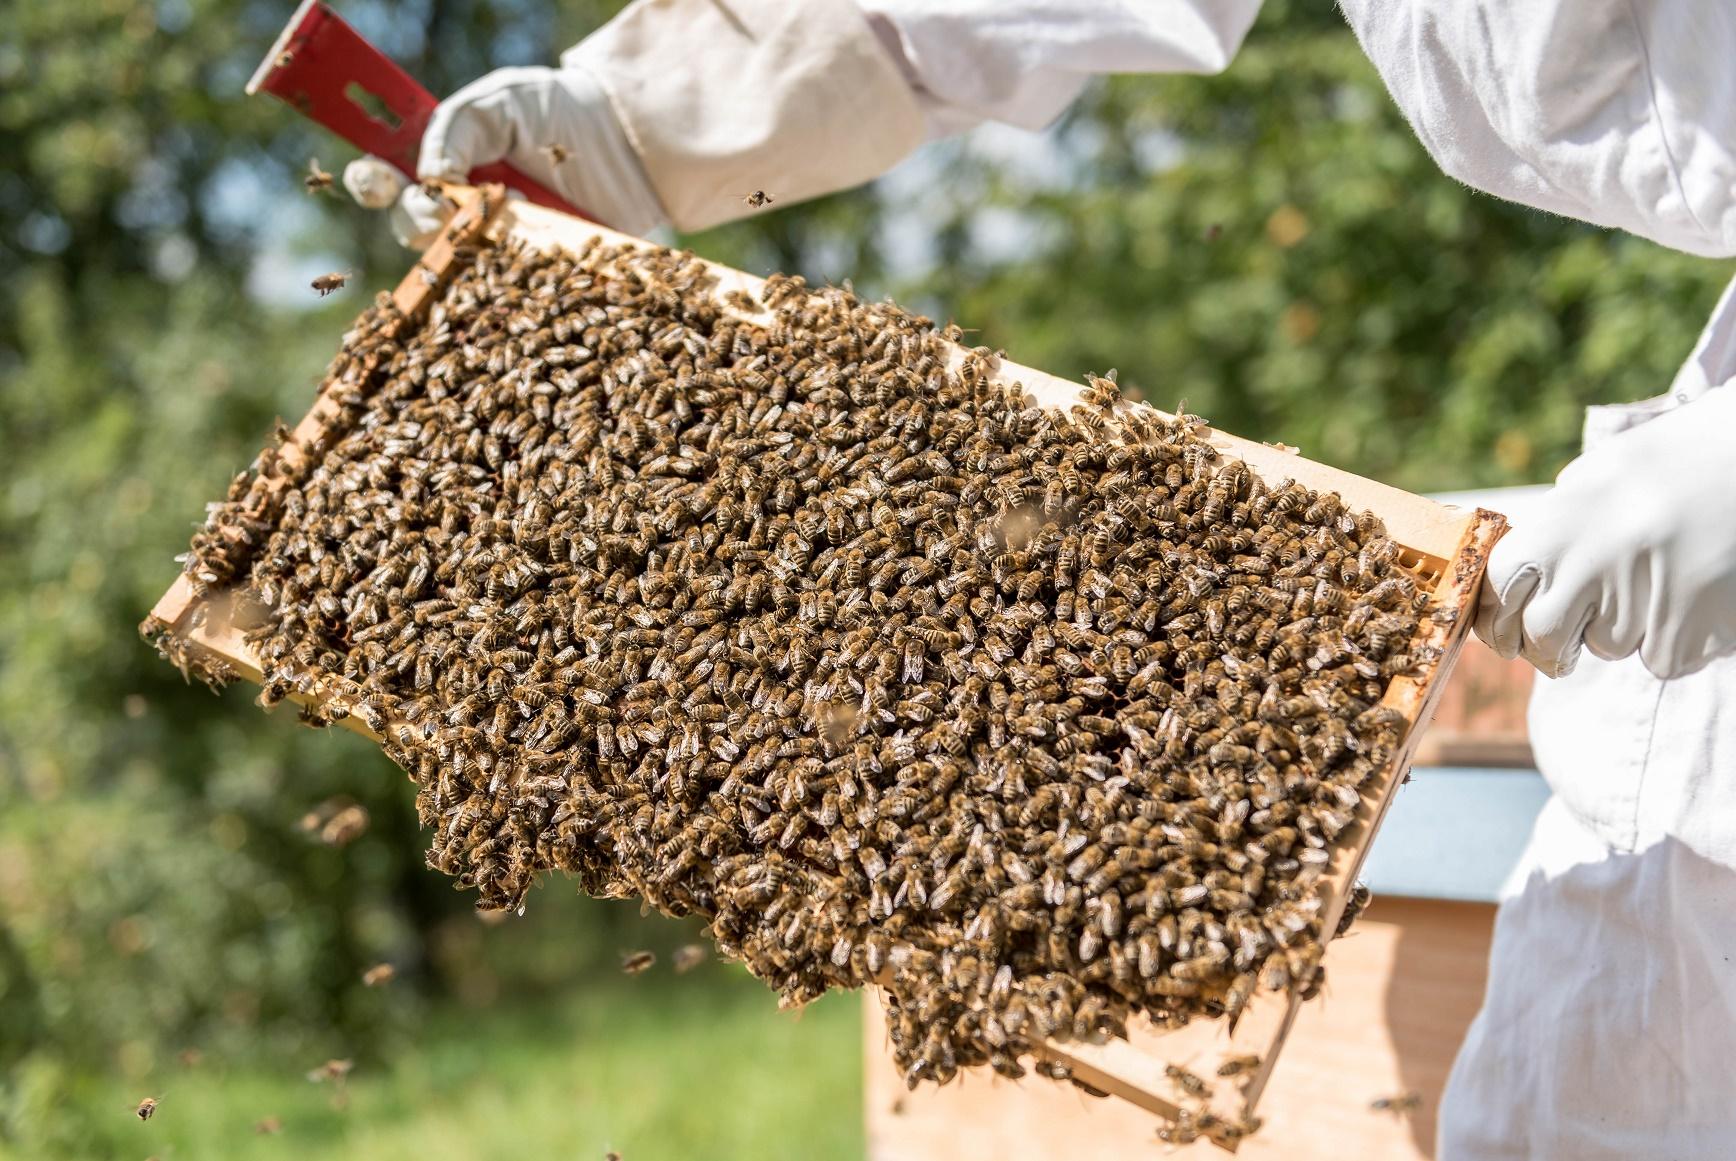 O uso de agrotóxicos e a plantação de Organismos Geneticamente Modificados estão entre as causas do desaparecimento das abelhas. Foto DANIEL MAURER/dpa